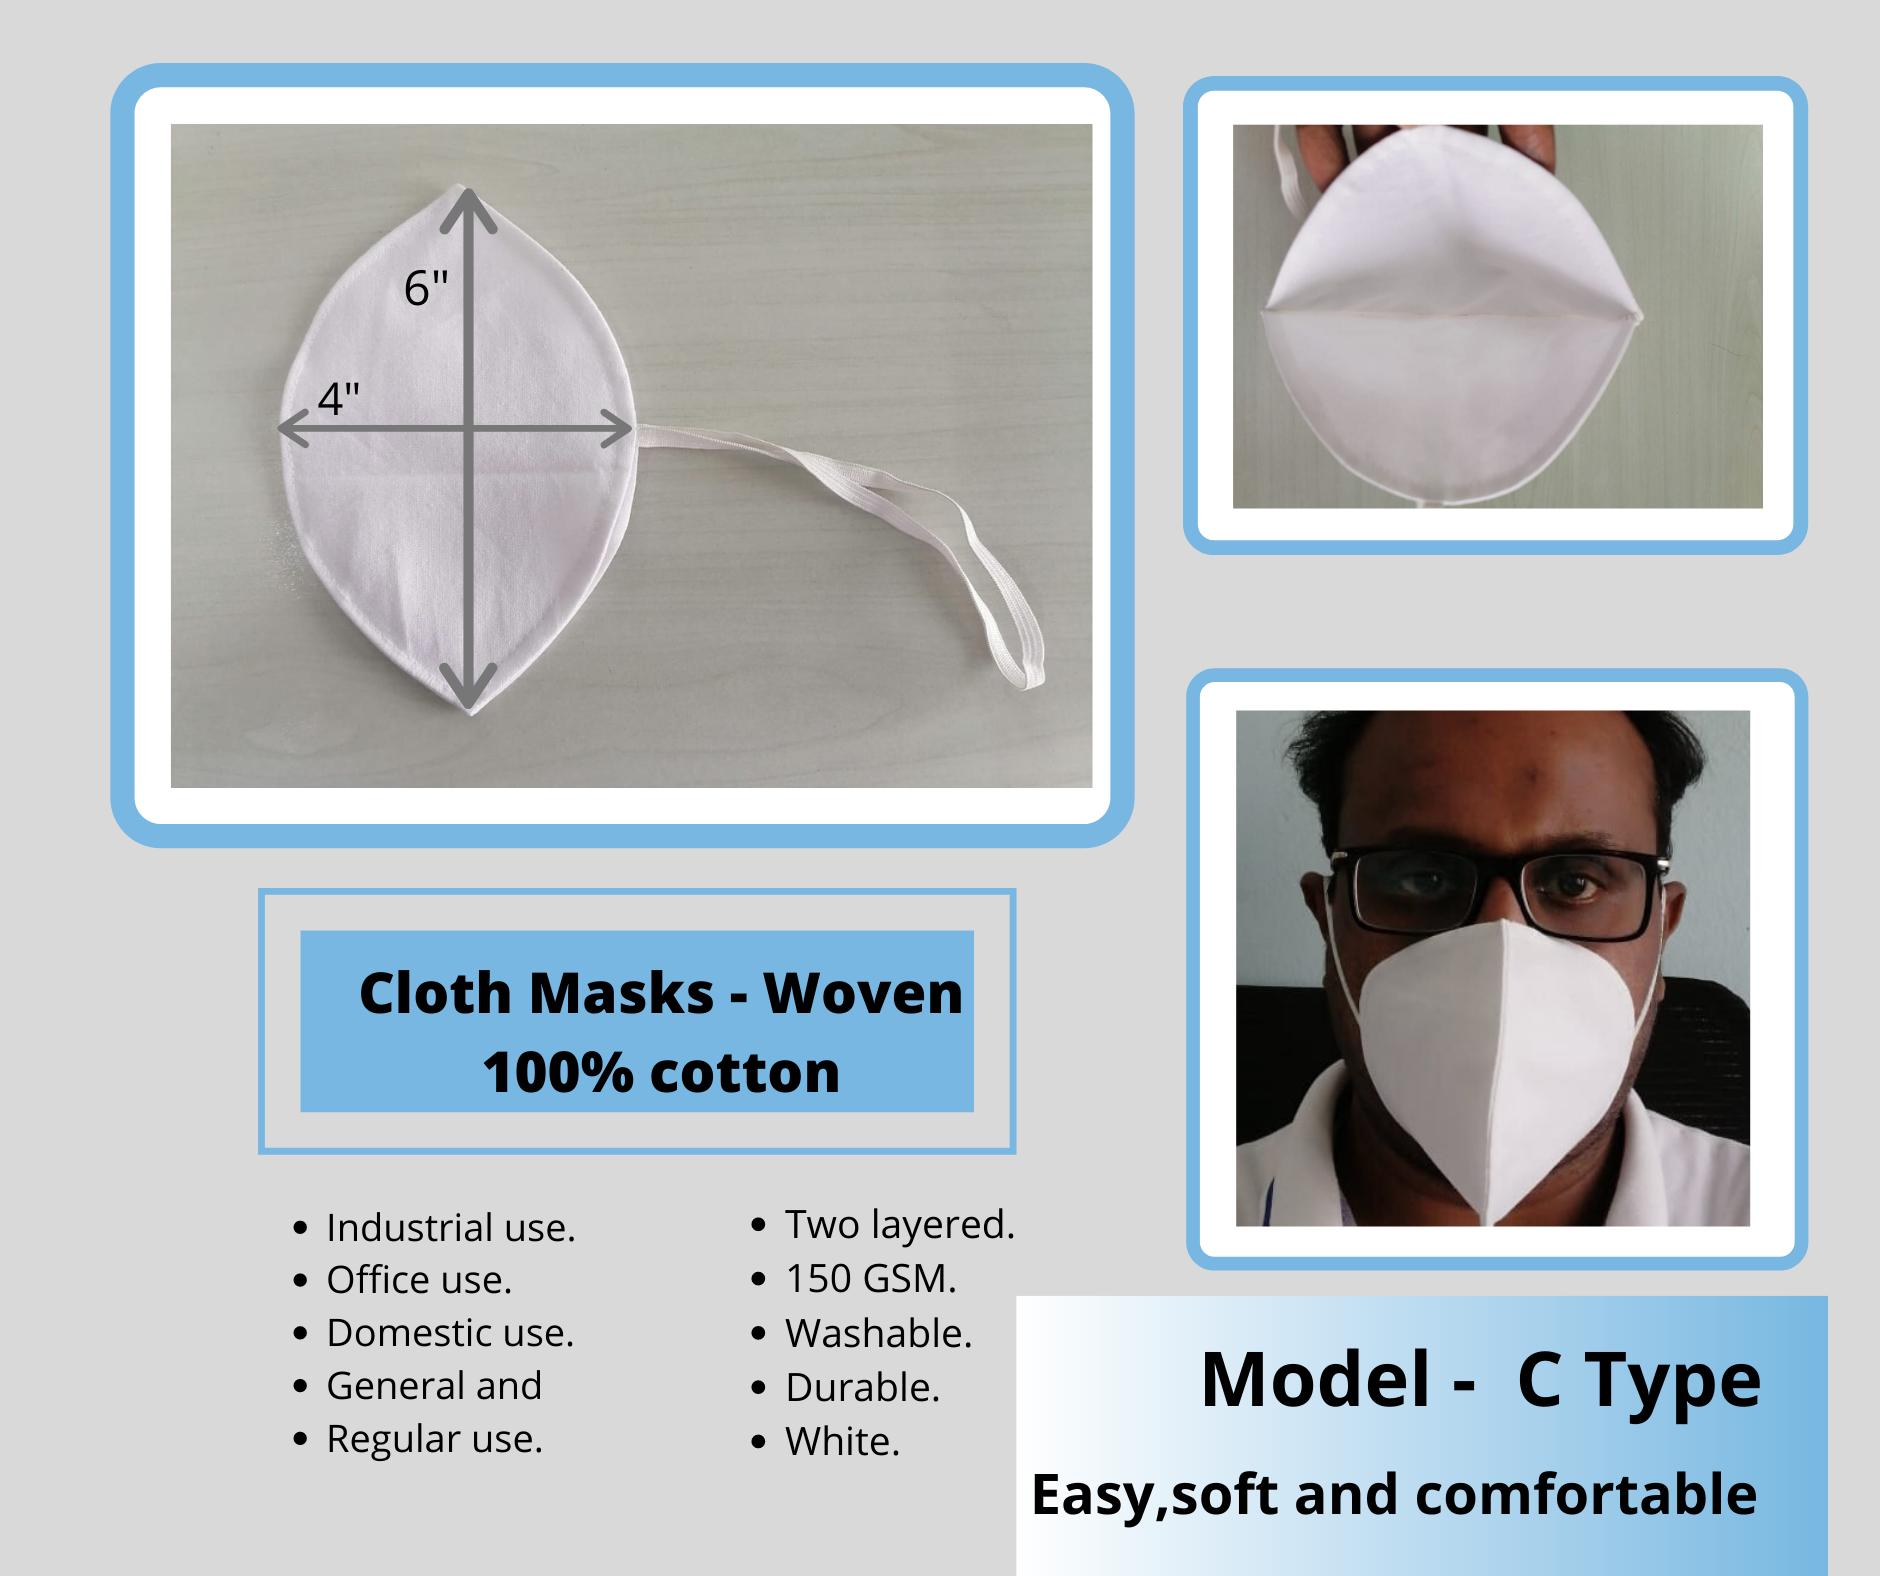 C Type Cotton Cloth Masks